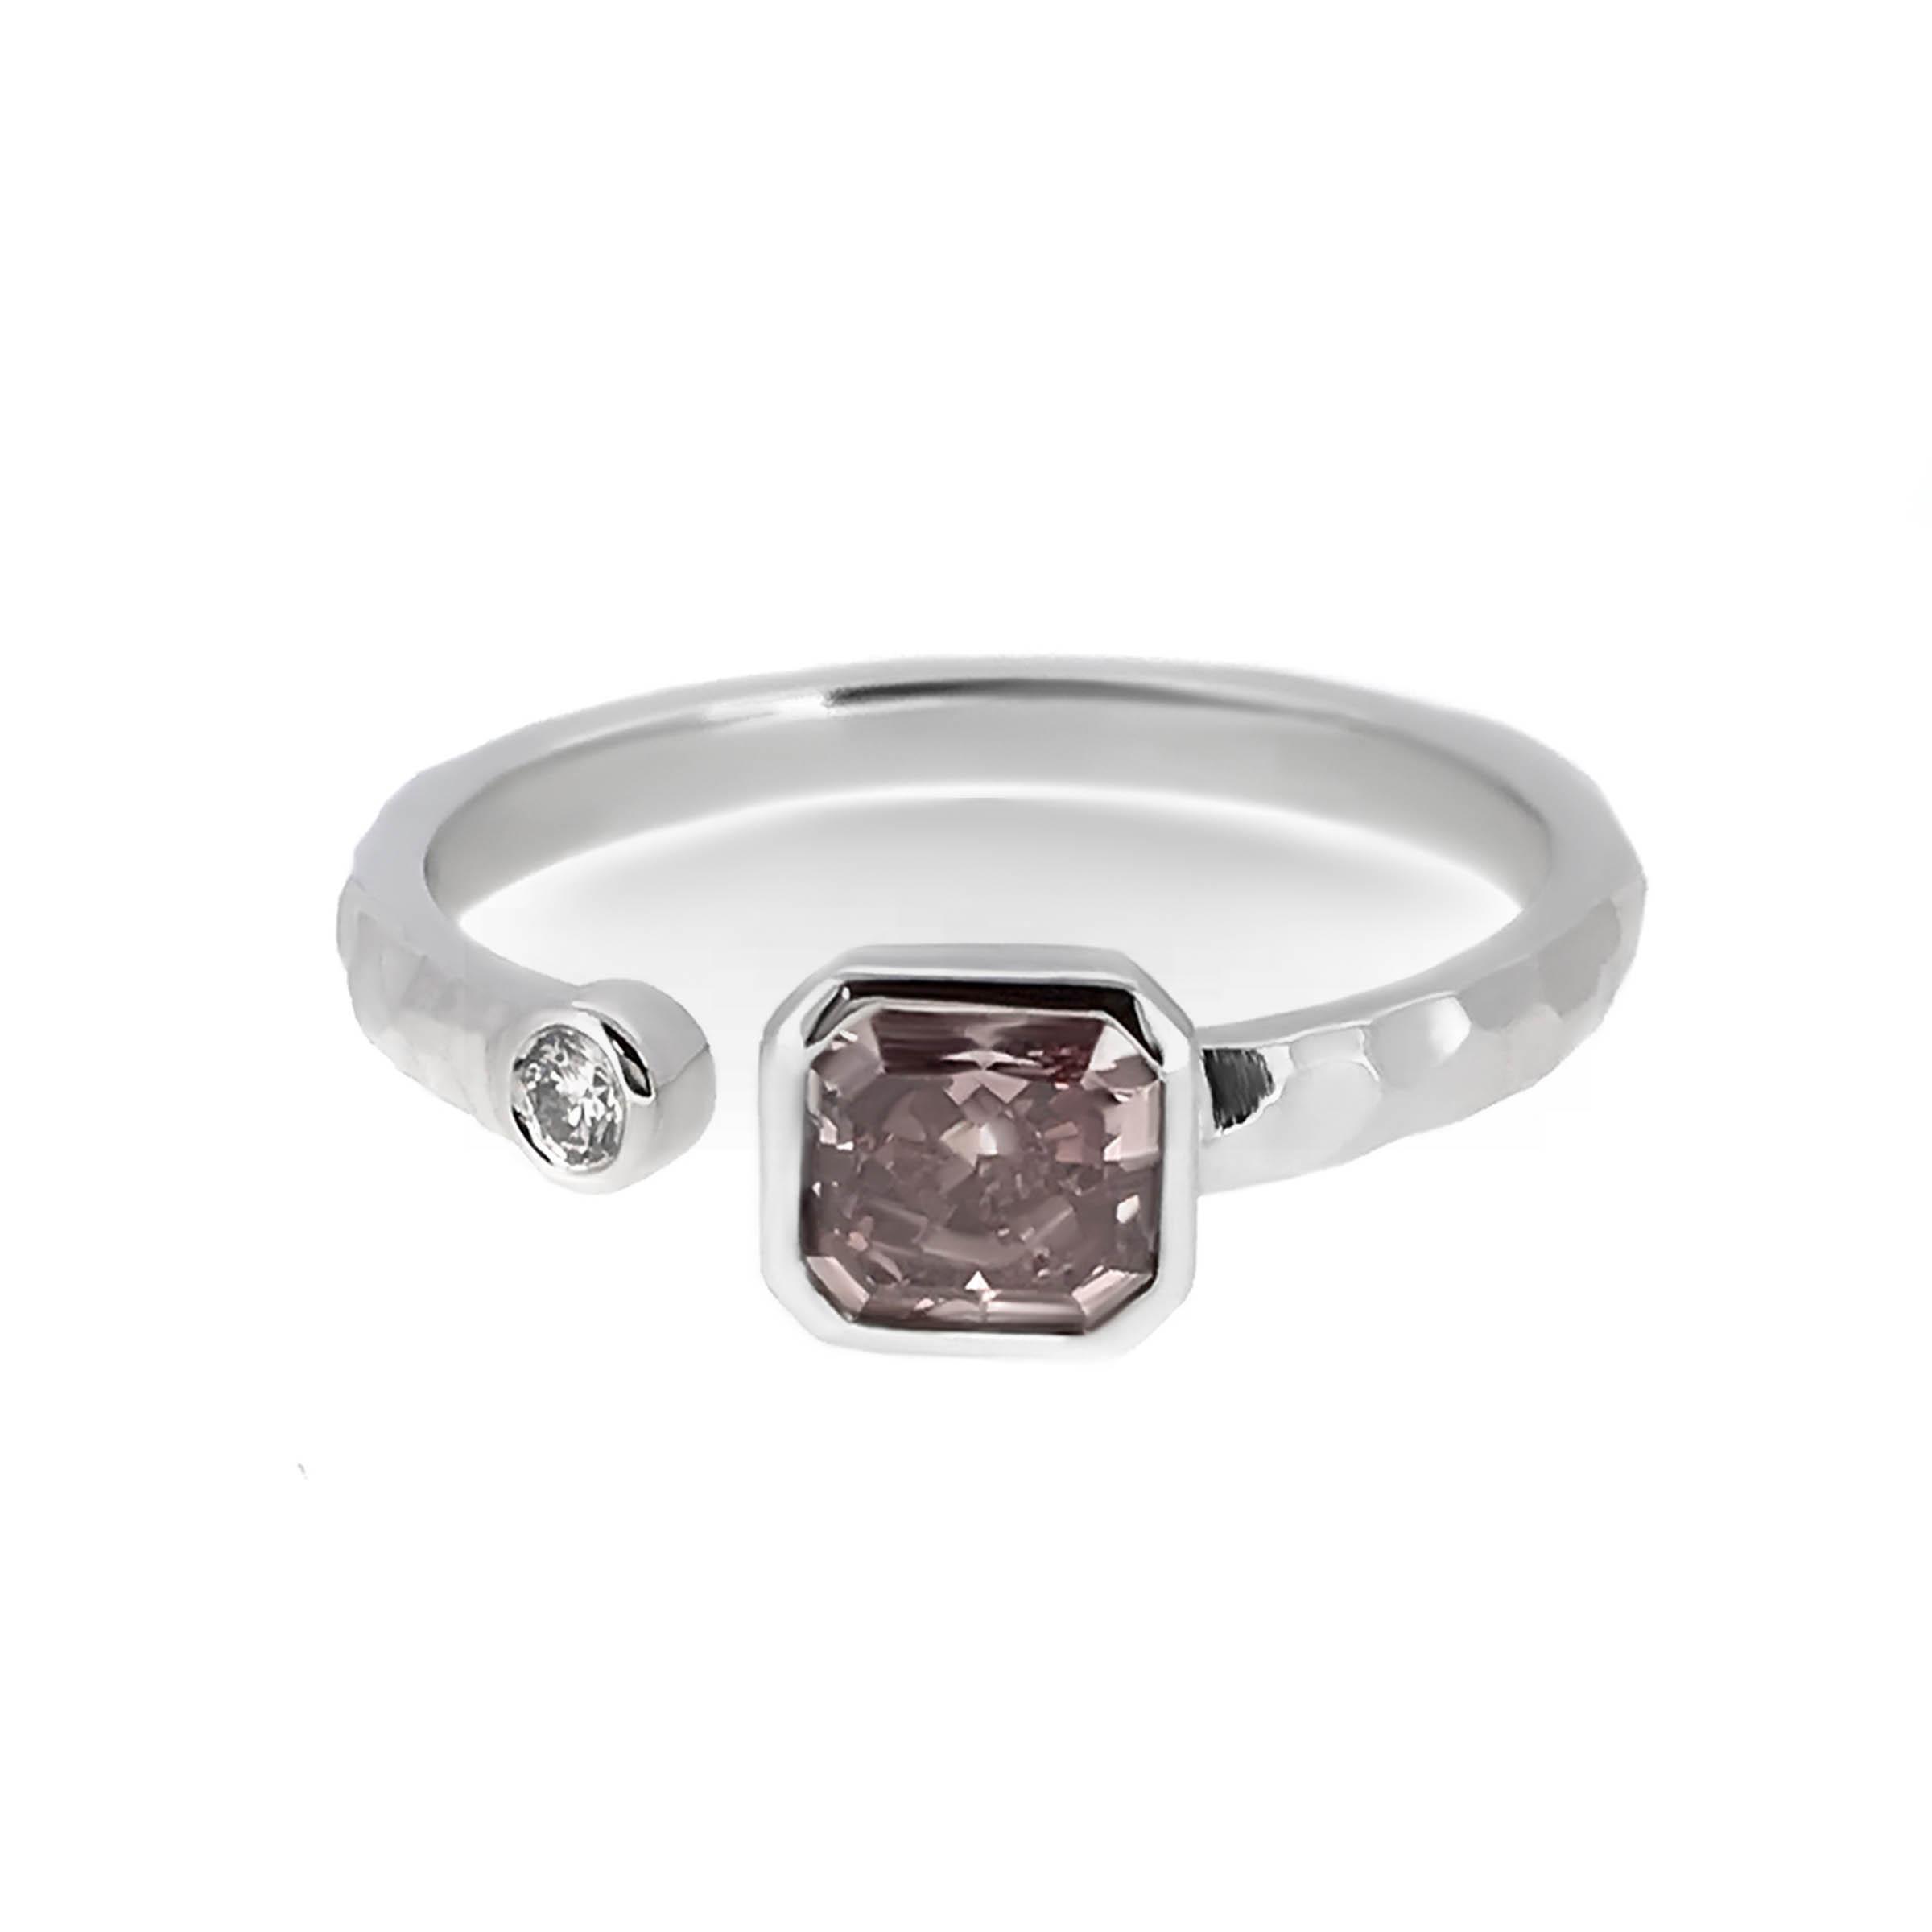 asscher cut modern diamond engagement ring- haywards of hong kong